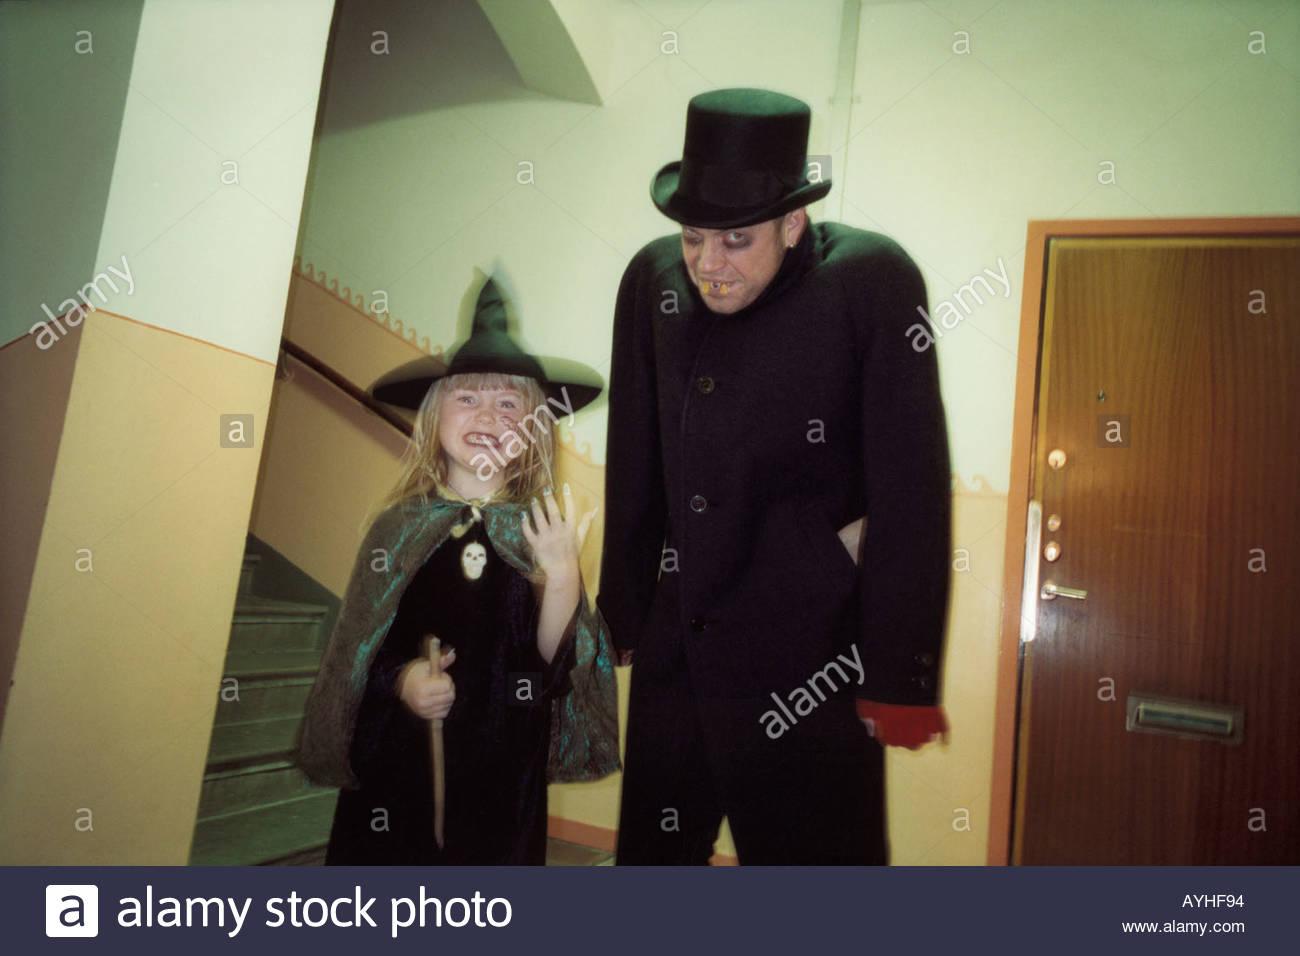 Un uomo in un costume da vampiro e una ragazza in un costume da strega Immagini Stock